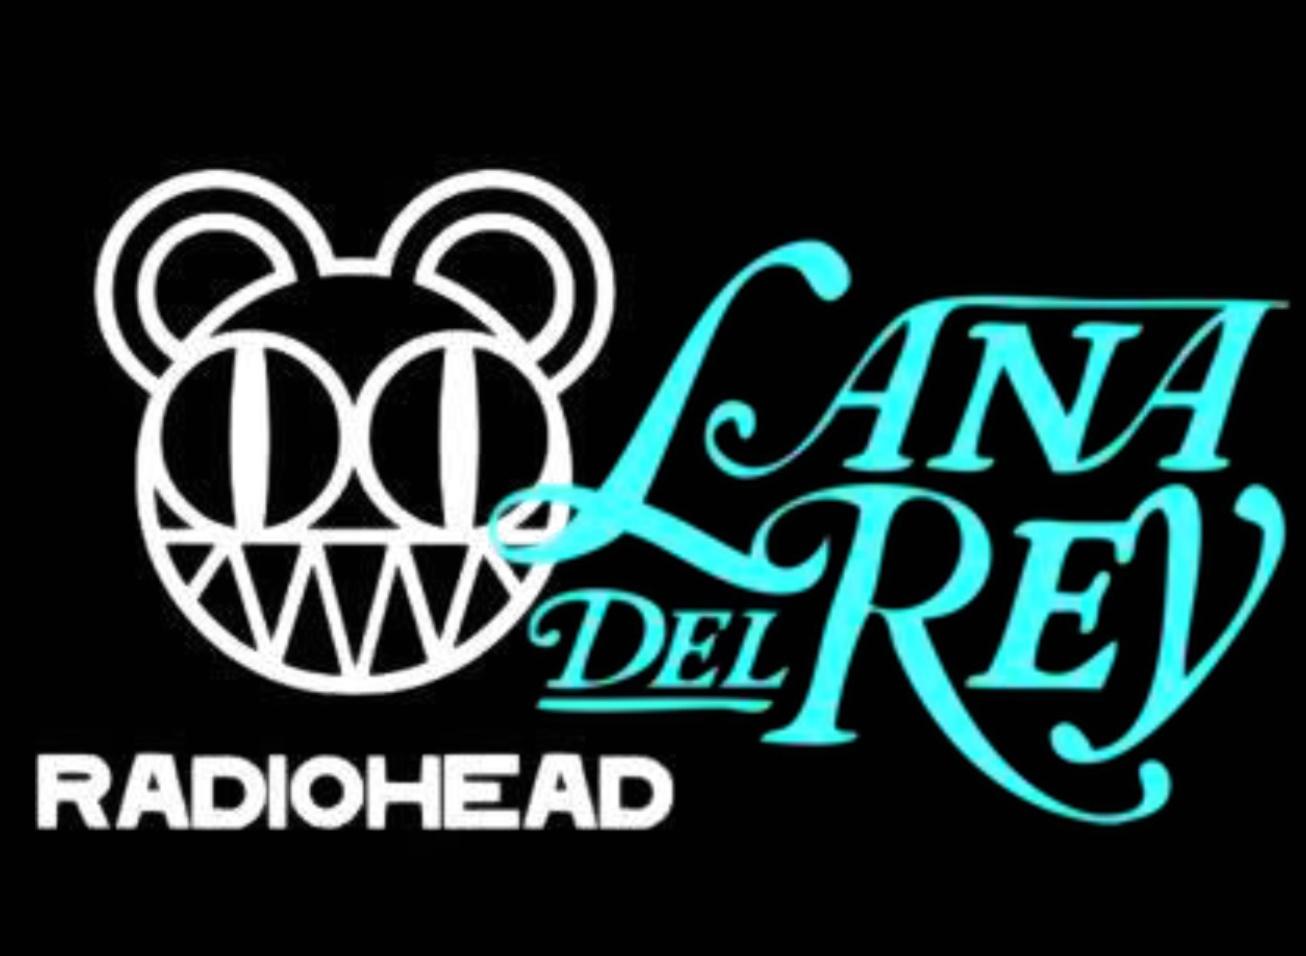 Radiohead planea demandar a Lana del Rey